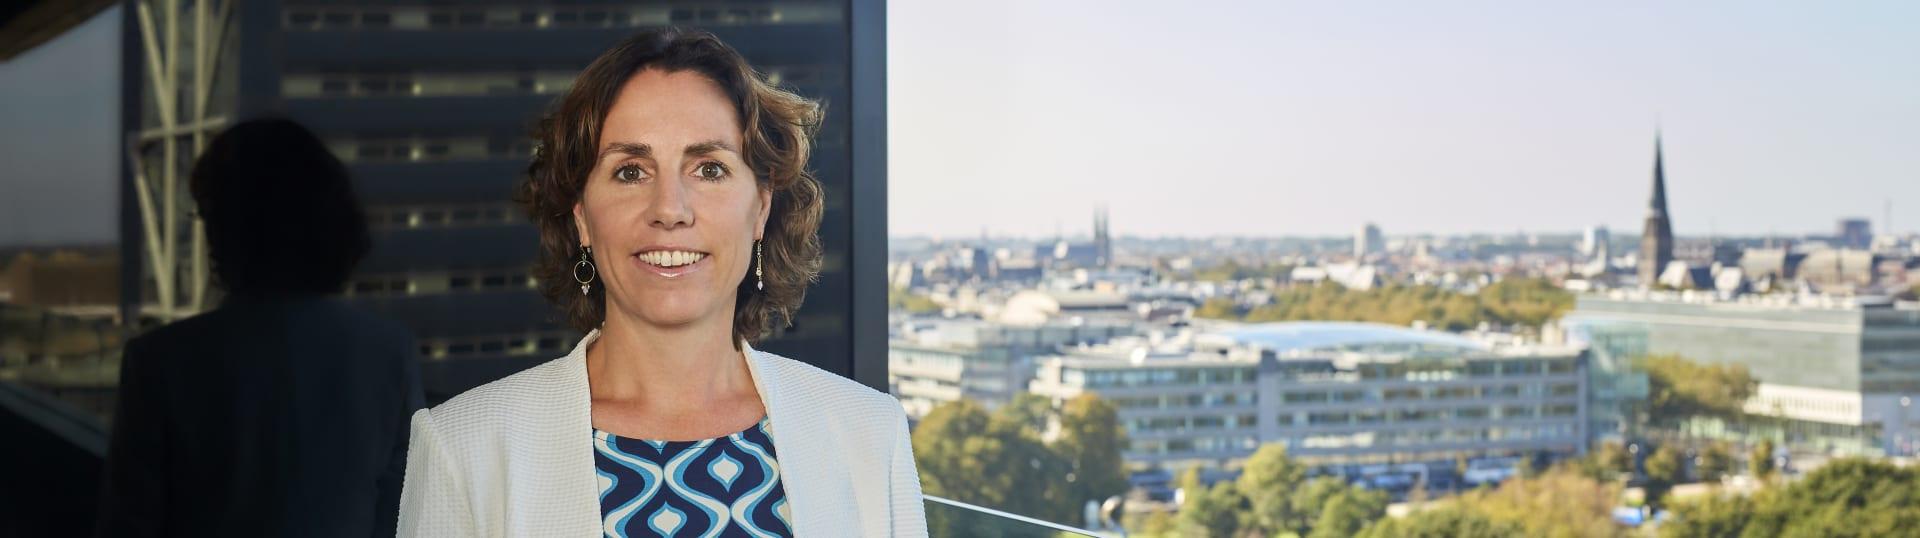 Iris Engels, advocaat Pels Rijcken